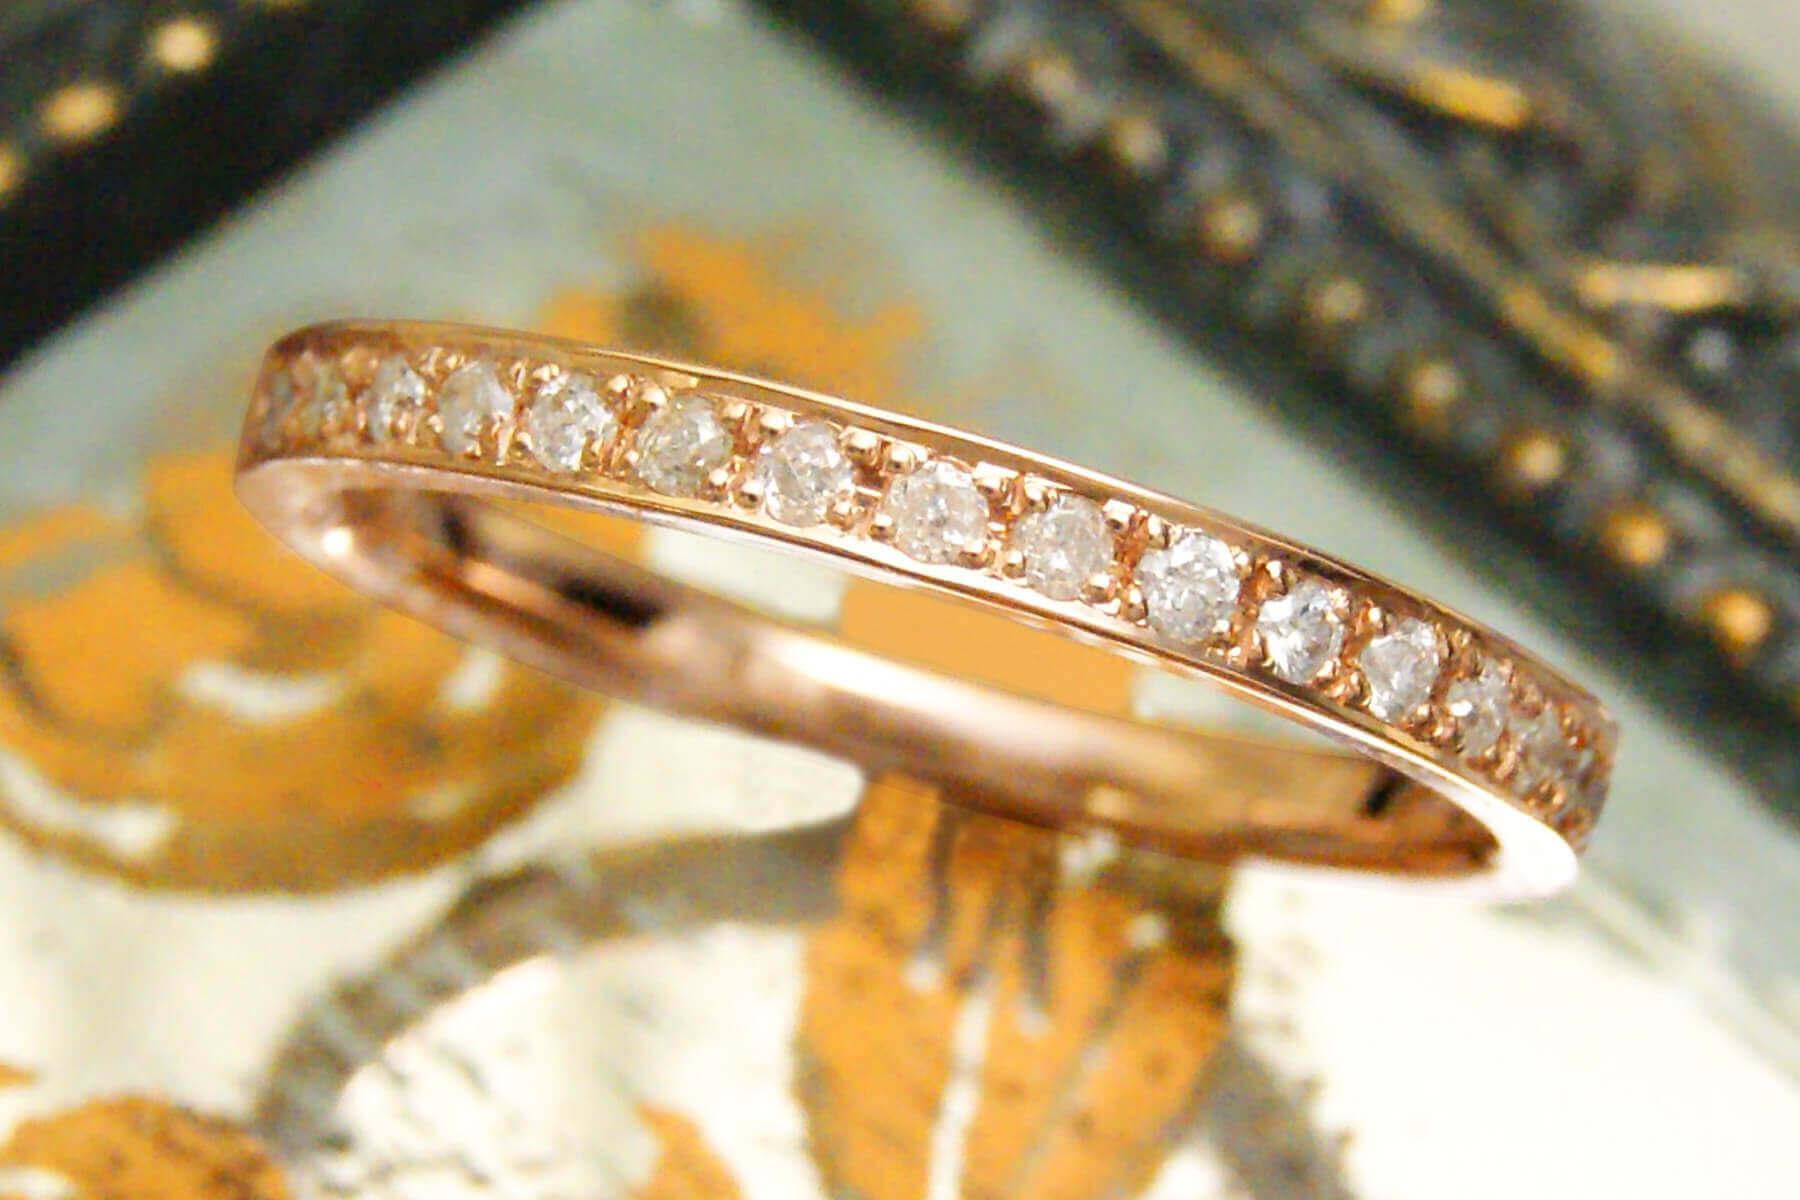 メモリアルアレンジ | メモリアルアレンジ | かざりやゆい | 世界に一つだけの結婚指輪「kazariya Yui」 | 福島県郡山市